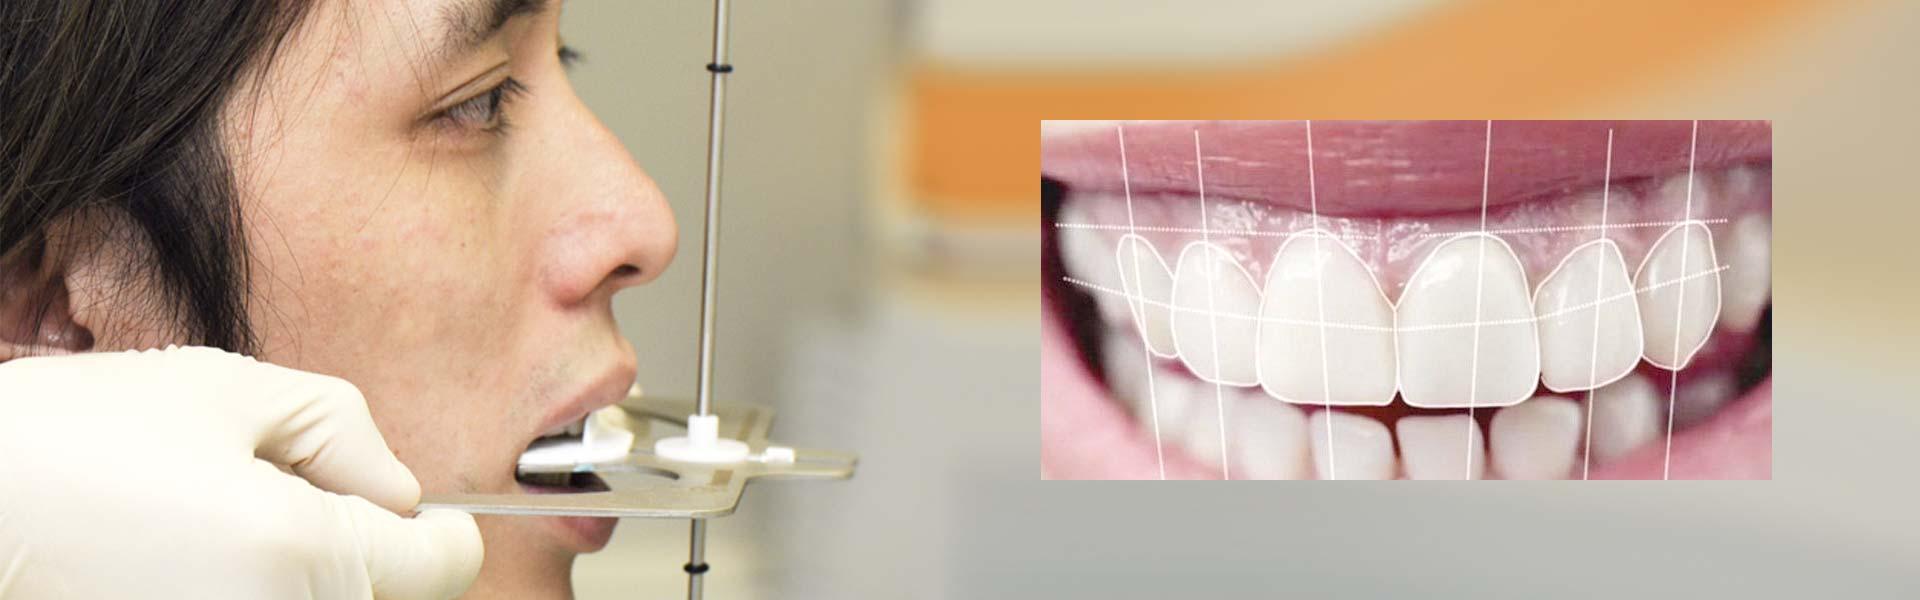 analizzatore Dento-facciale - Studi Mezzena Centro di Riabilitazione Odontoiatrica a Concesio (BS) - Orzinuovi (BS) - Pessano (MI) - Treviglio (BG)